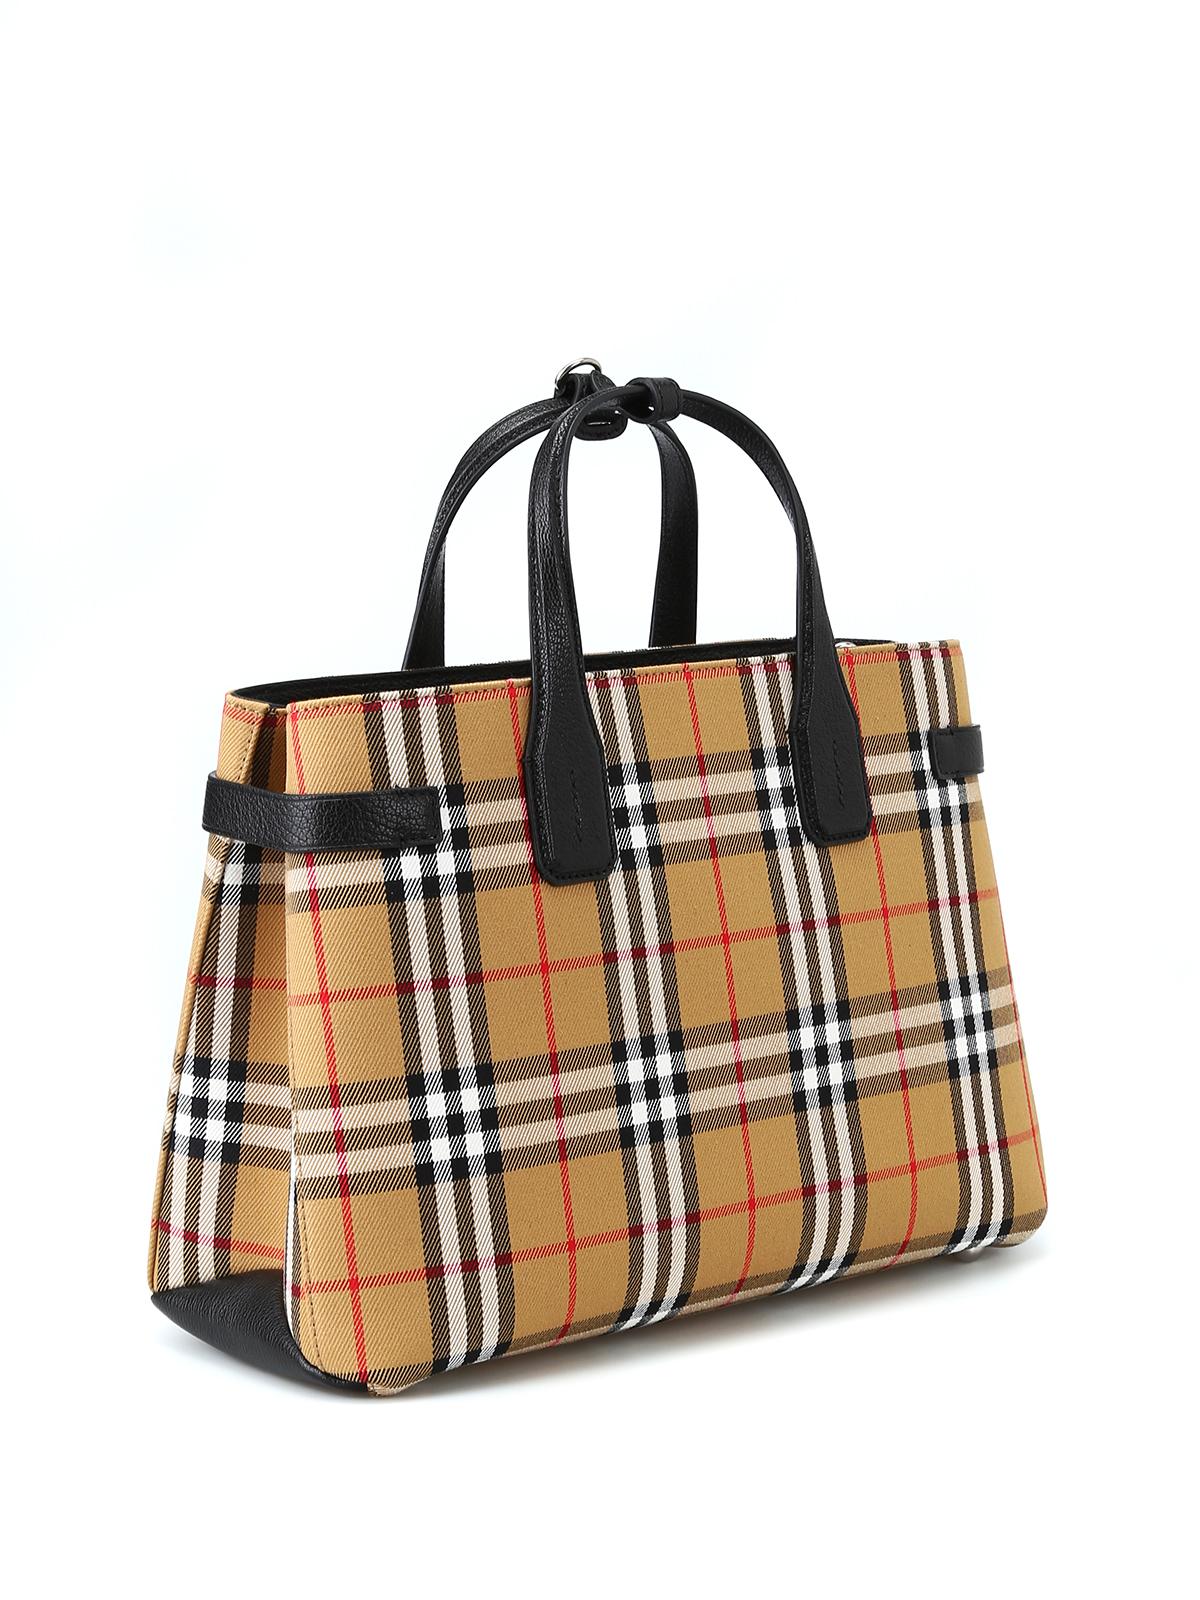 Burberry borsa shopping in tessuto e pelle